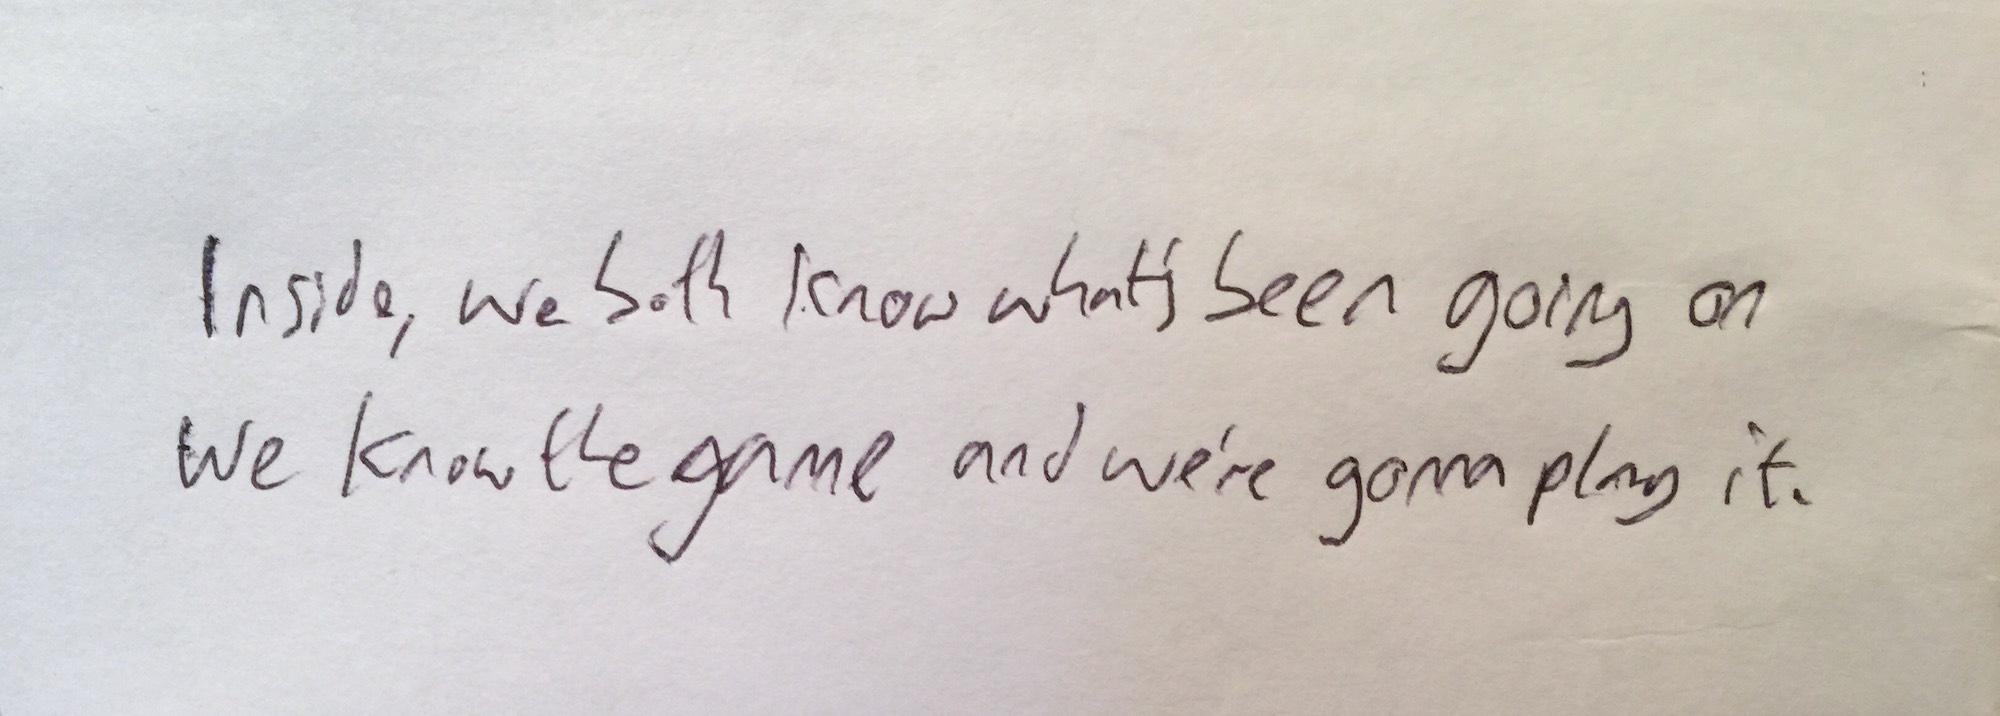 martin writes